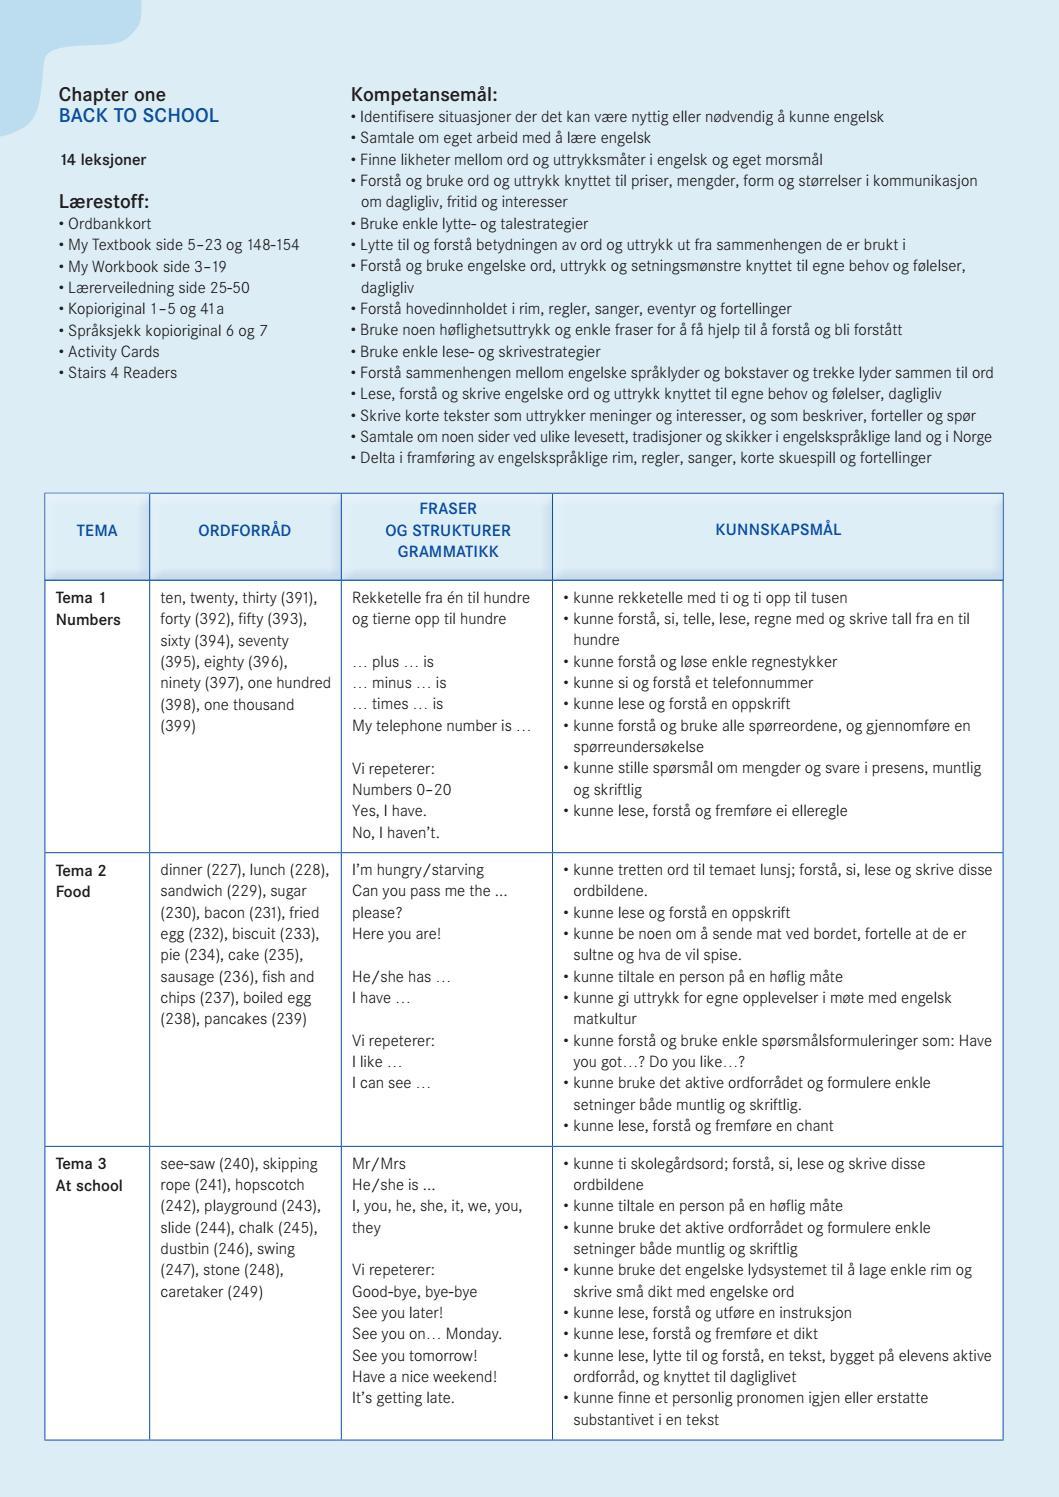 ENGELSK GRAMMATIKK REGLER PDF